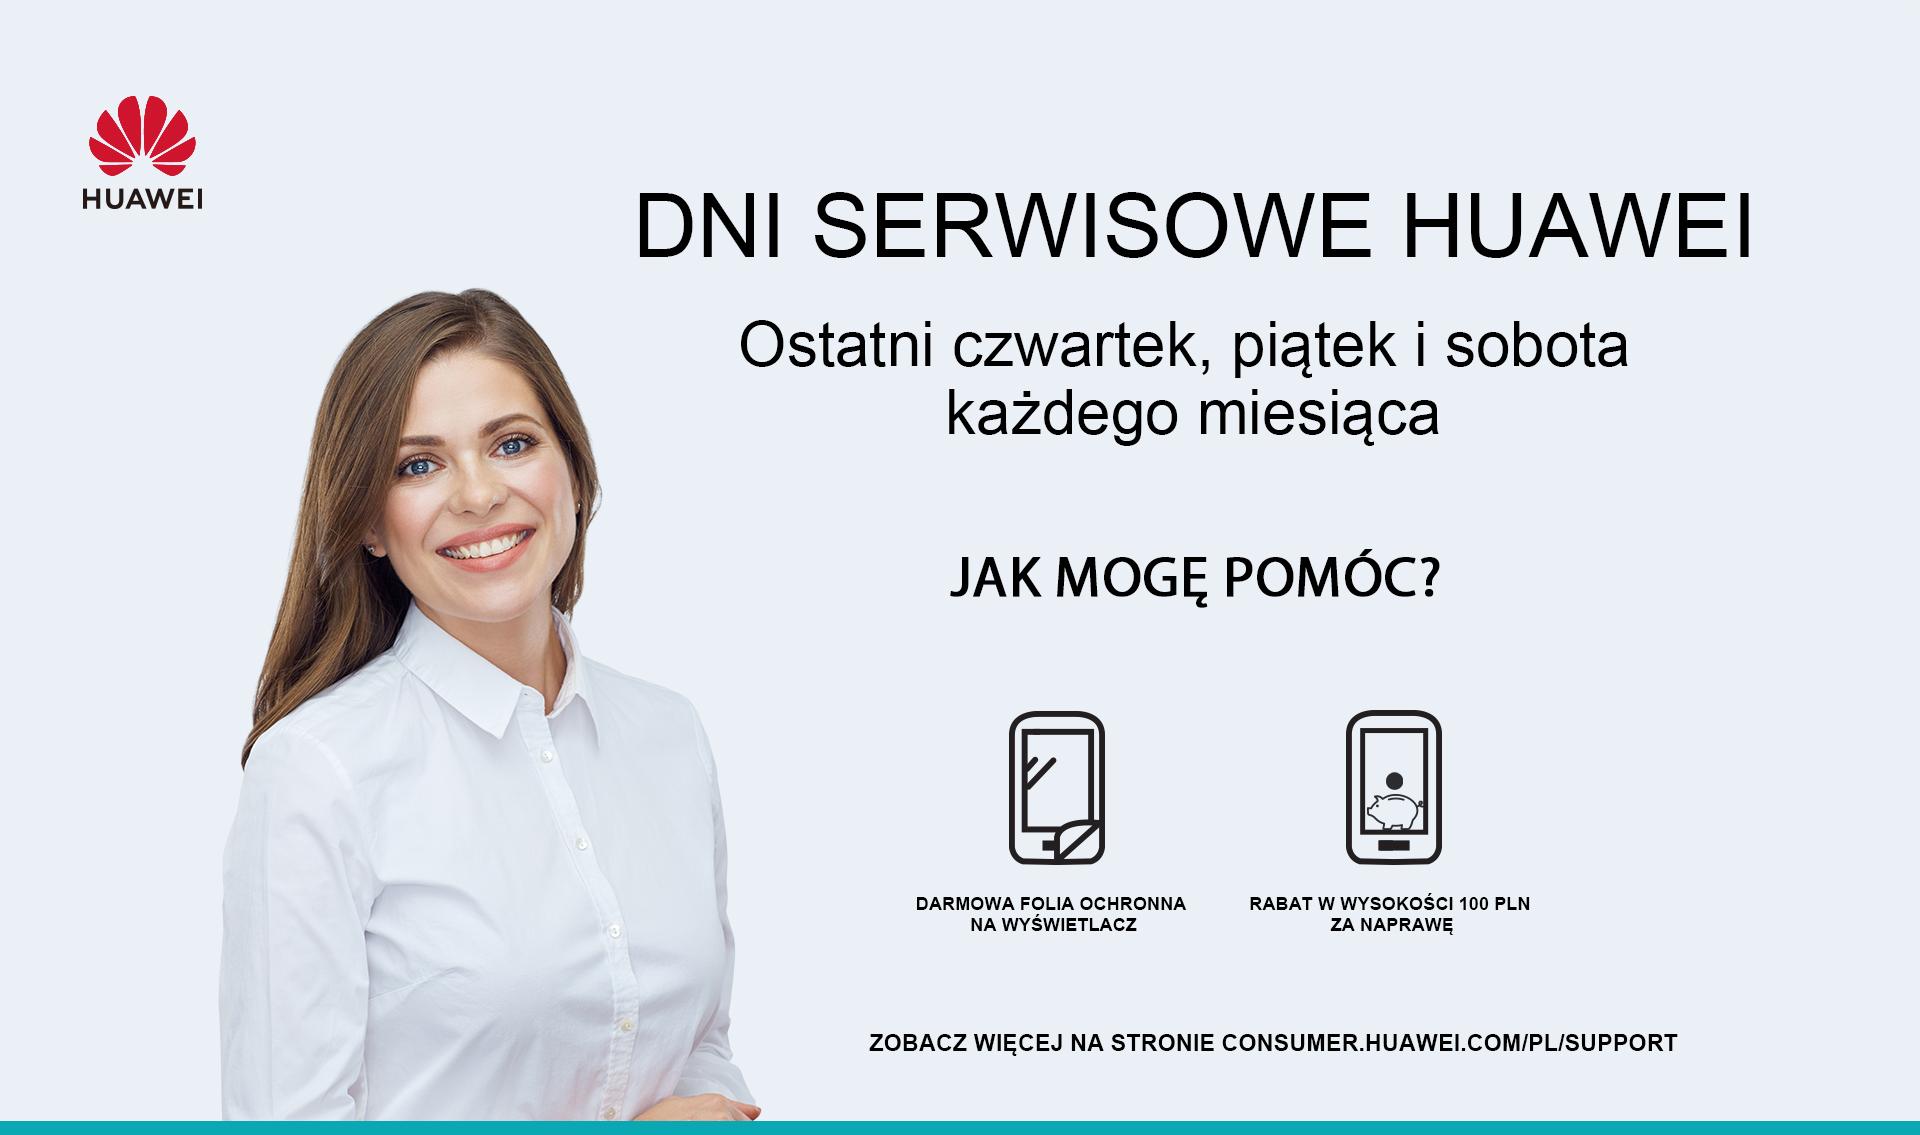 Dni serwisowe Huawei - darmowa folia na wyświetlacz, rabat na naprawy (także Honor)